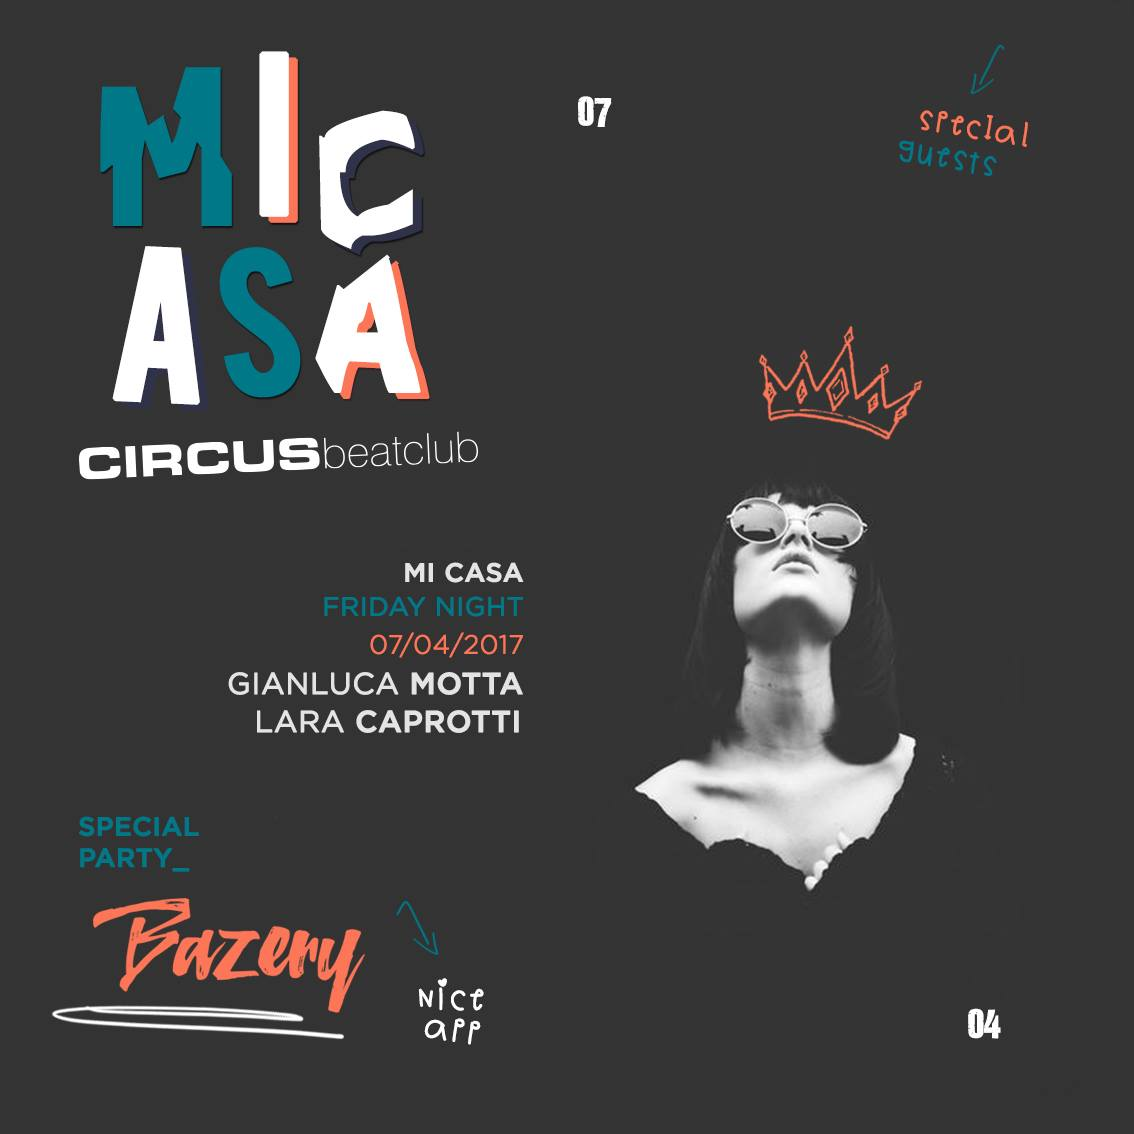 7/4 Gianluca Motta, Lara Caprotti @ Circus beatclub - Brescia Mi Casa